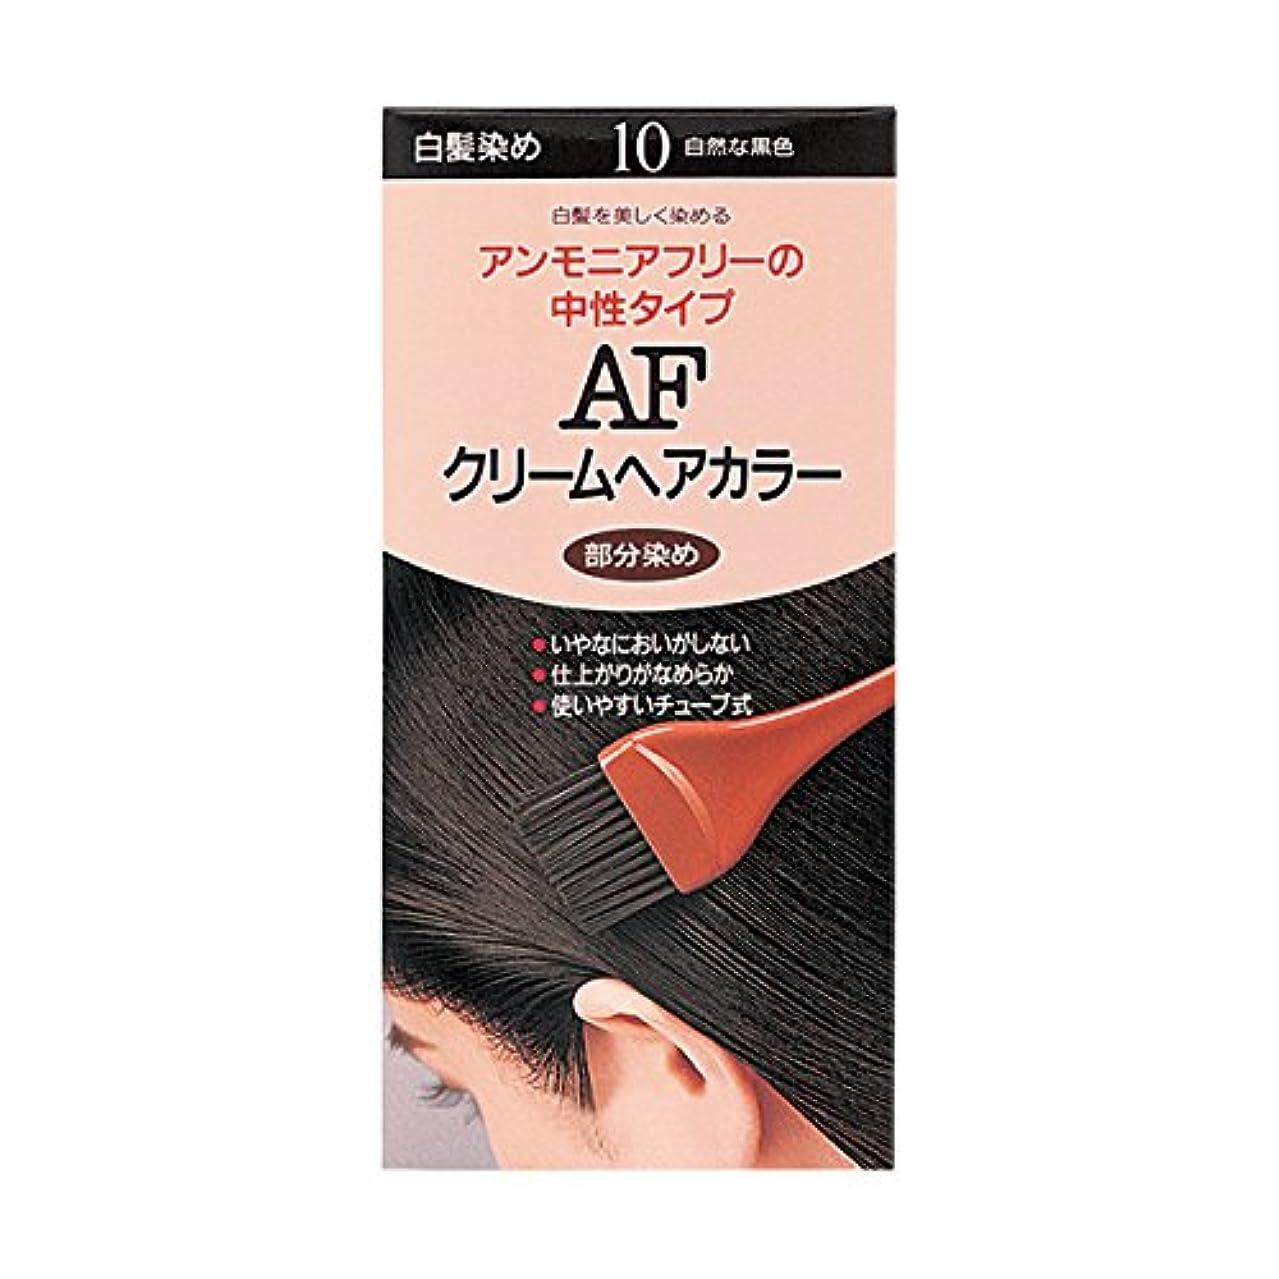 ジャケット申請者道徳ヘアカラー AFクリームヘアカラー 10 【医薬部外品】